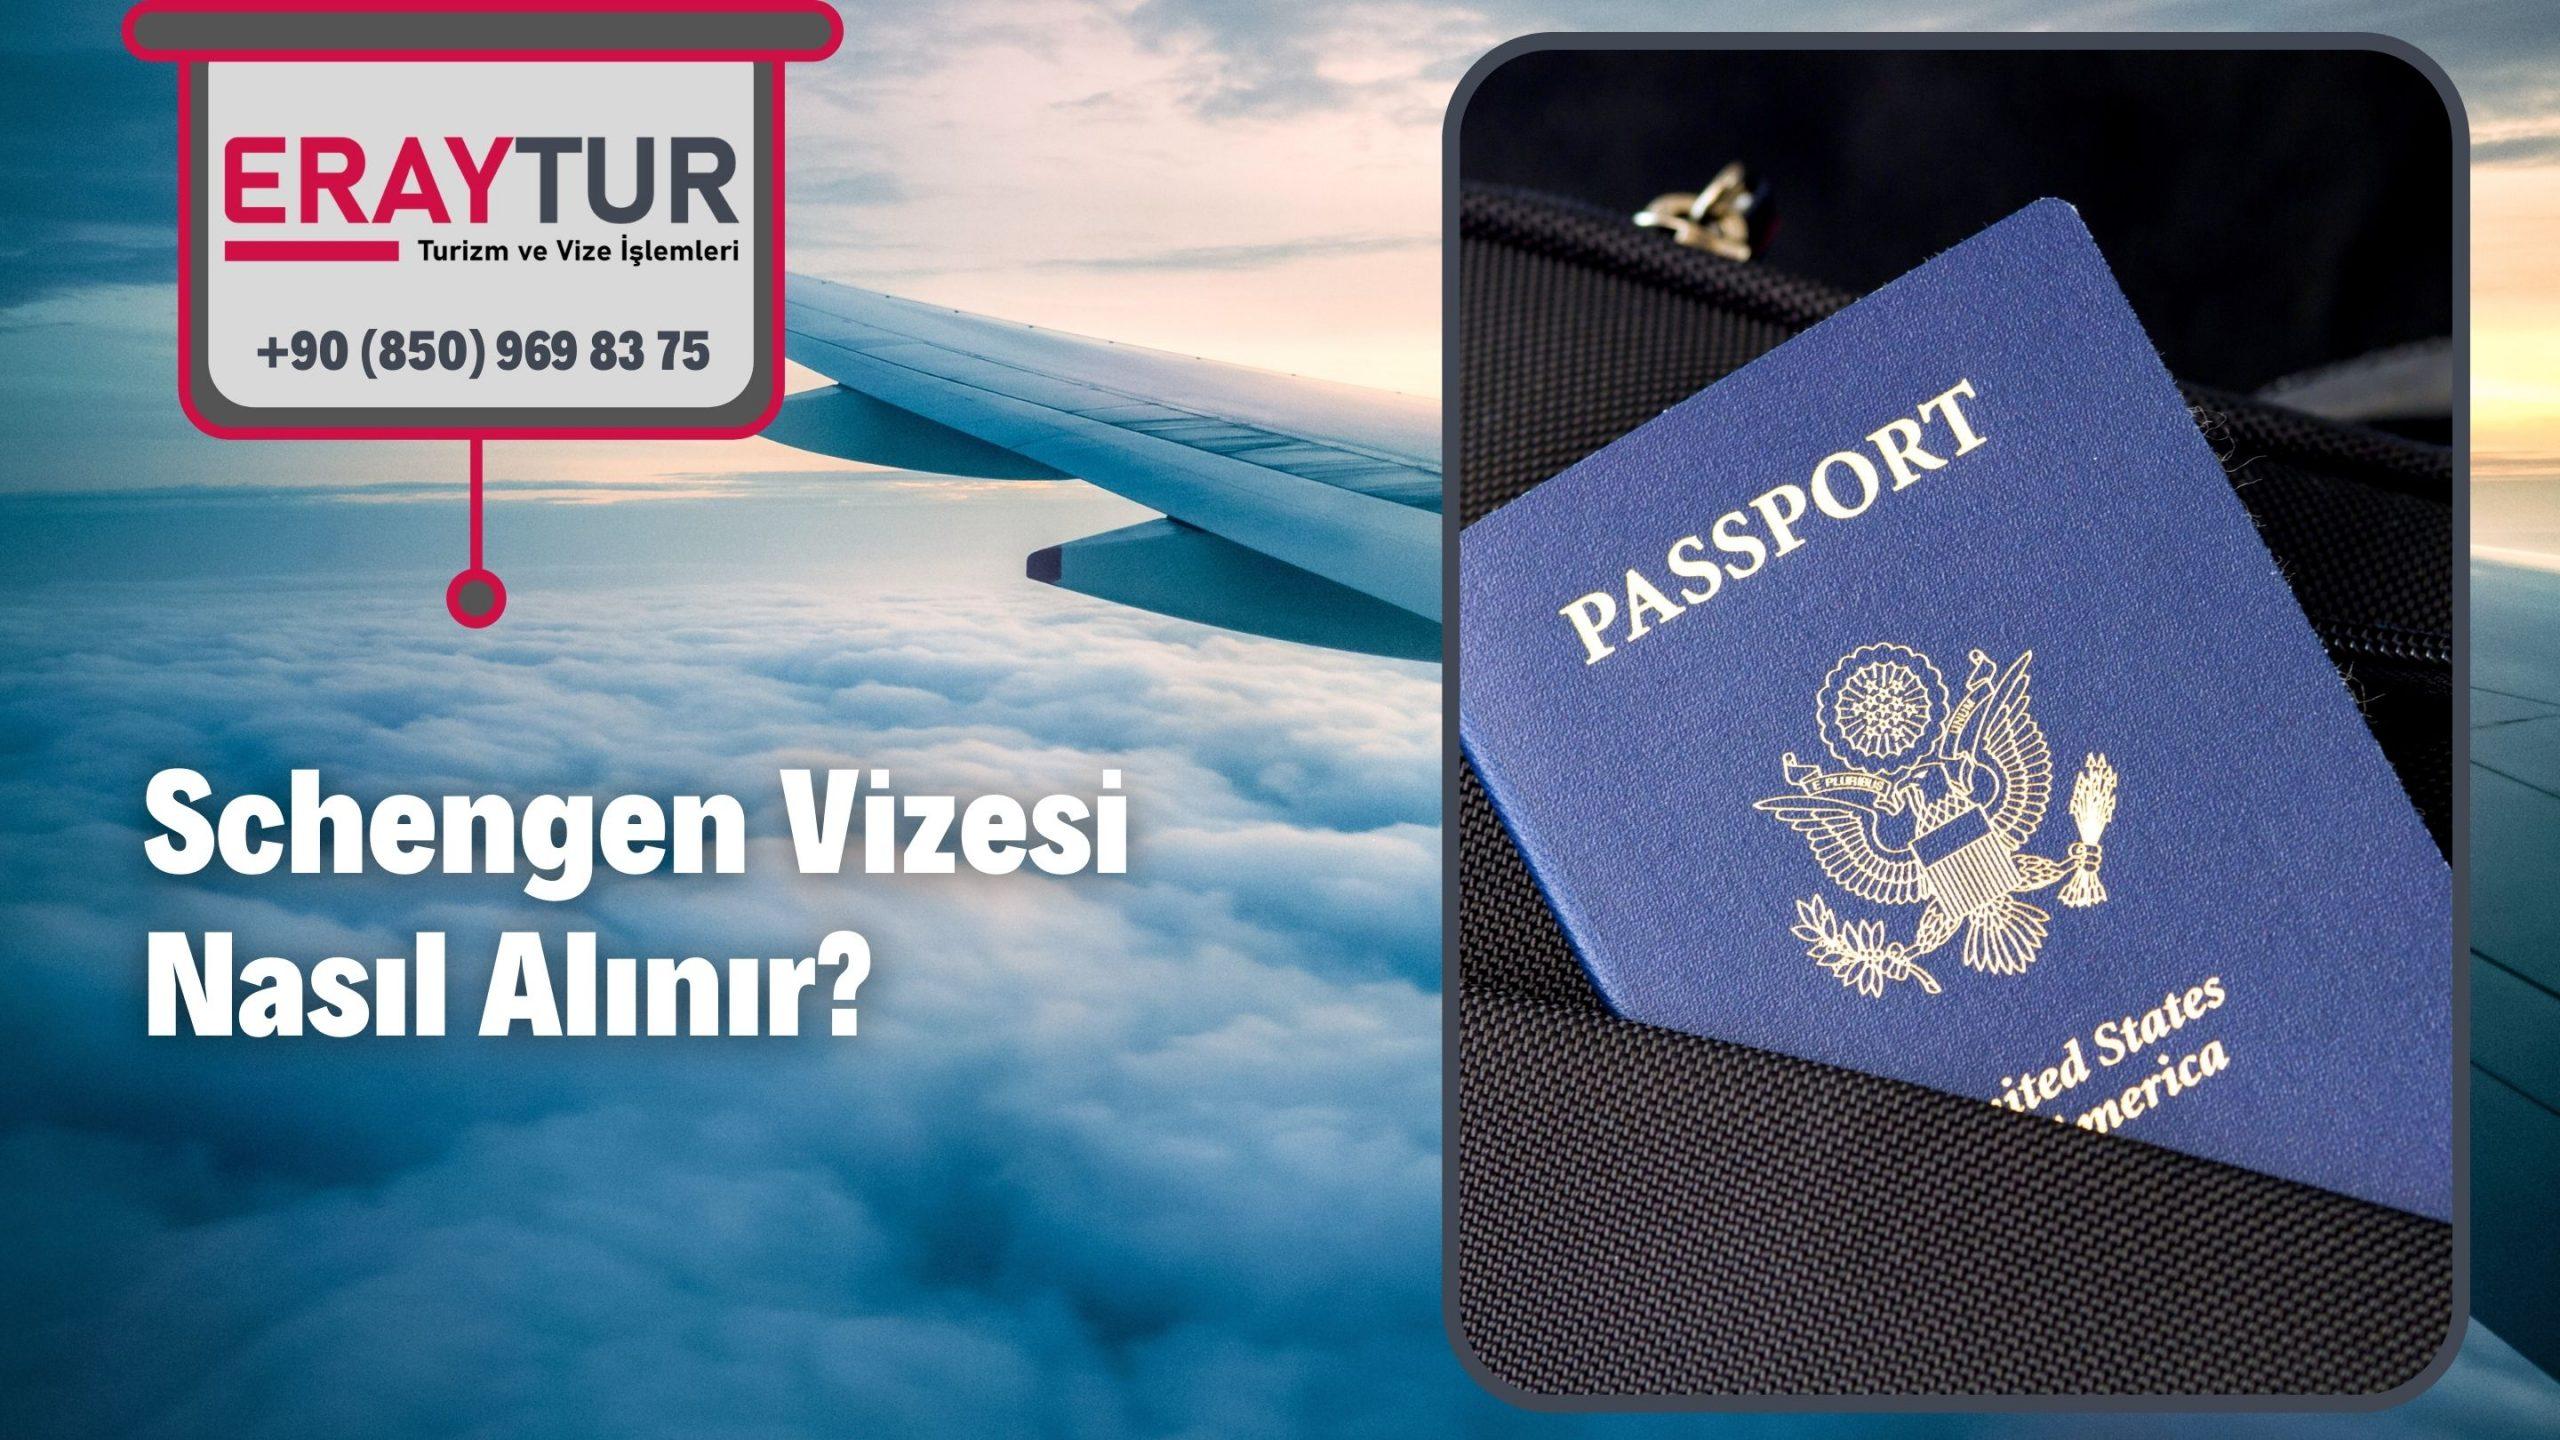 Schengen Vizesi Nasıl Alınır? 1 – schengen vizesi nasil alinir 2 scaled